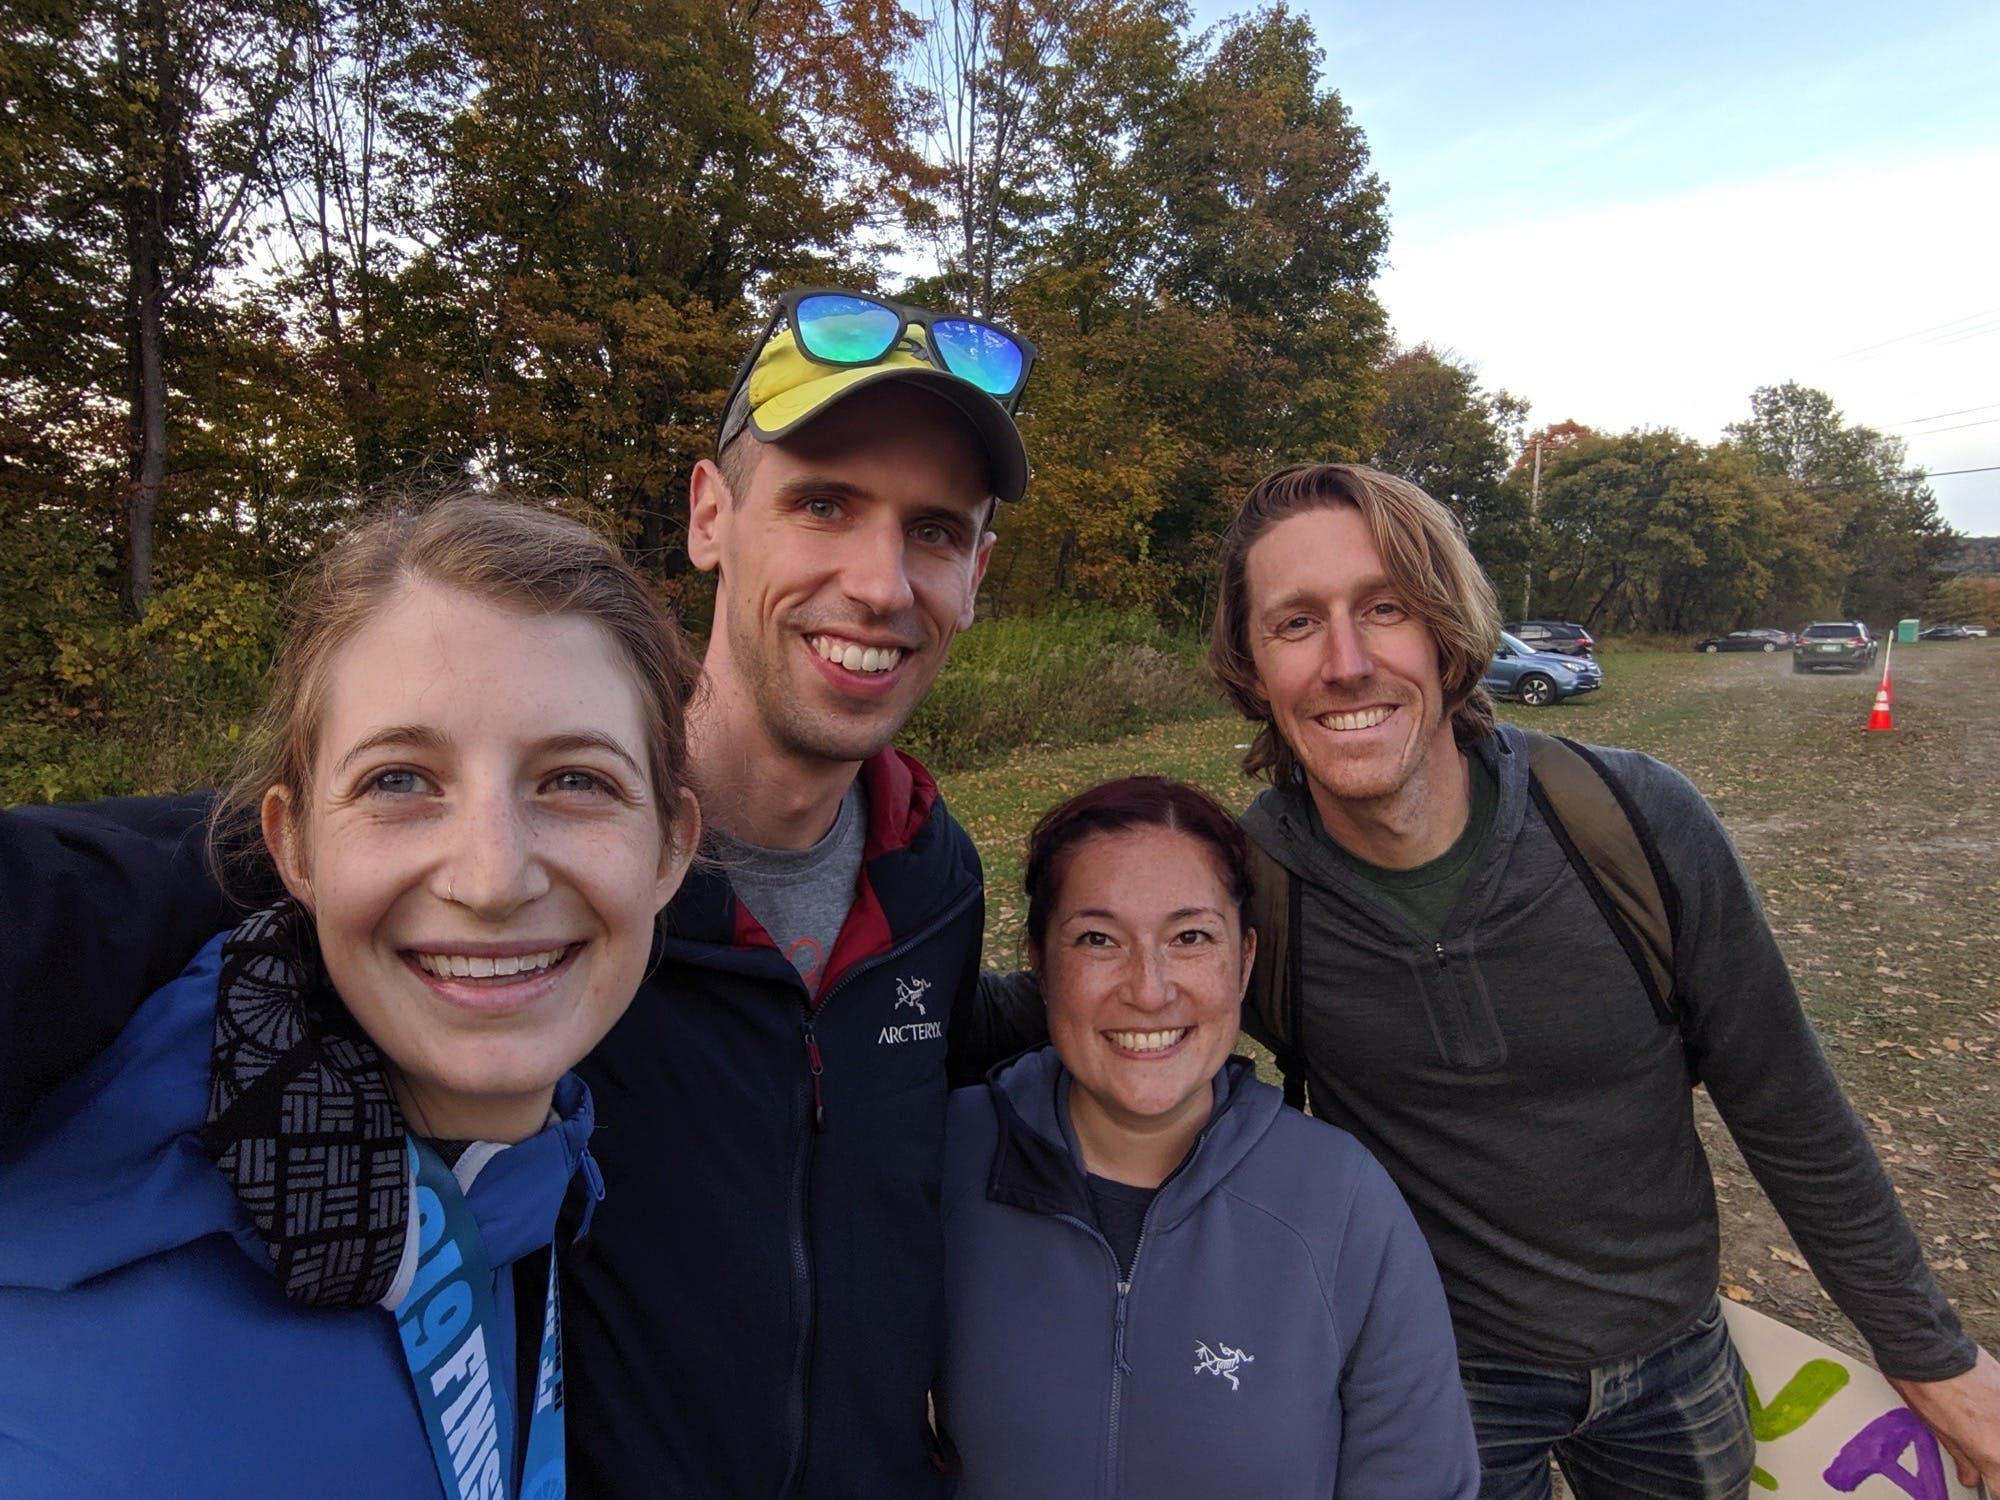 Me, Doug, Irene, and Cody. The best crew! Photo: Doug Lipinski